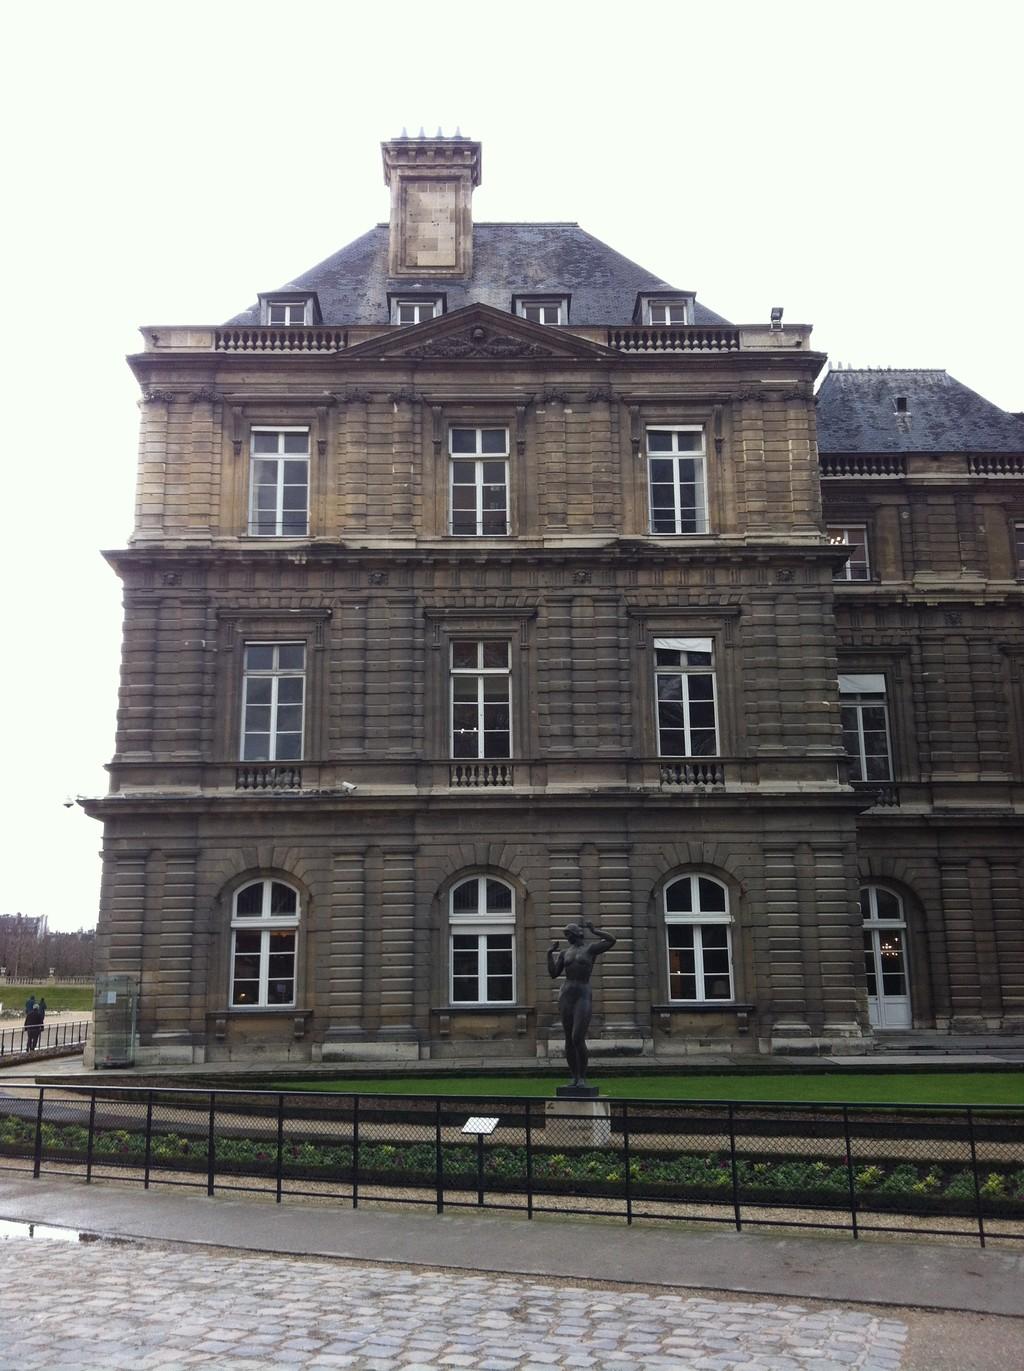 Jardin du luxembourg bezienswaardigheden in parijs for Jardin luxembourg